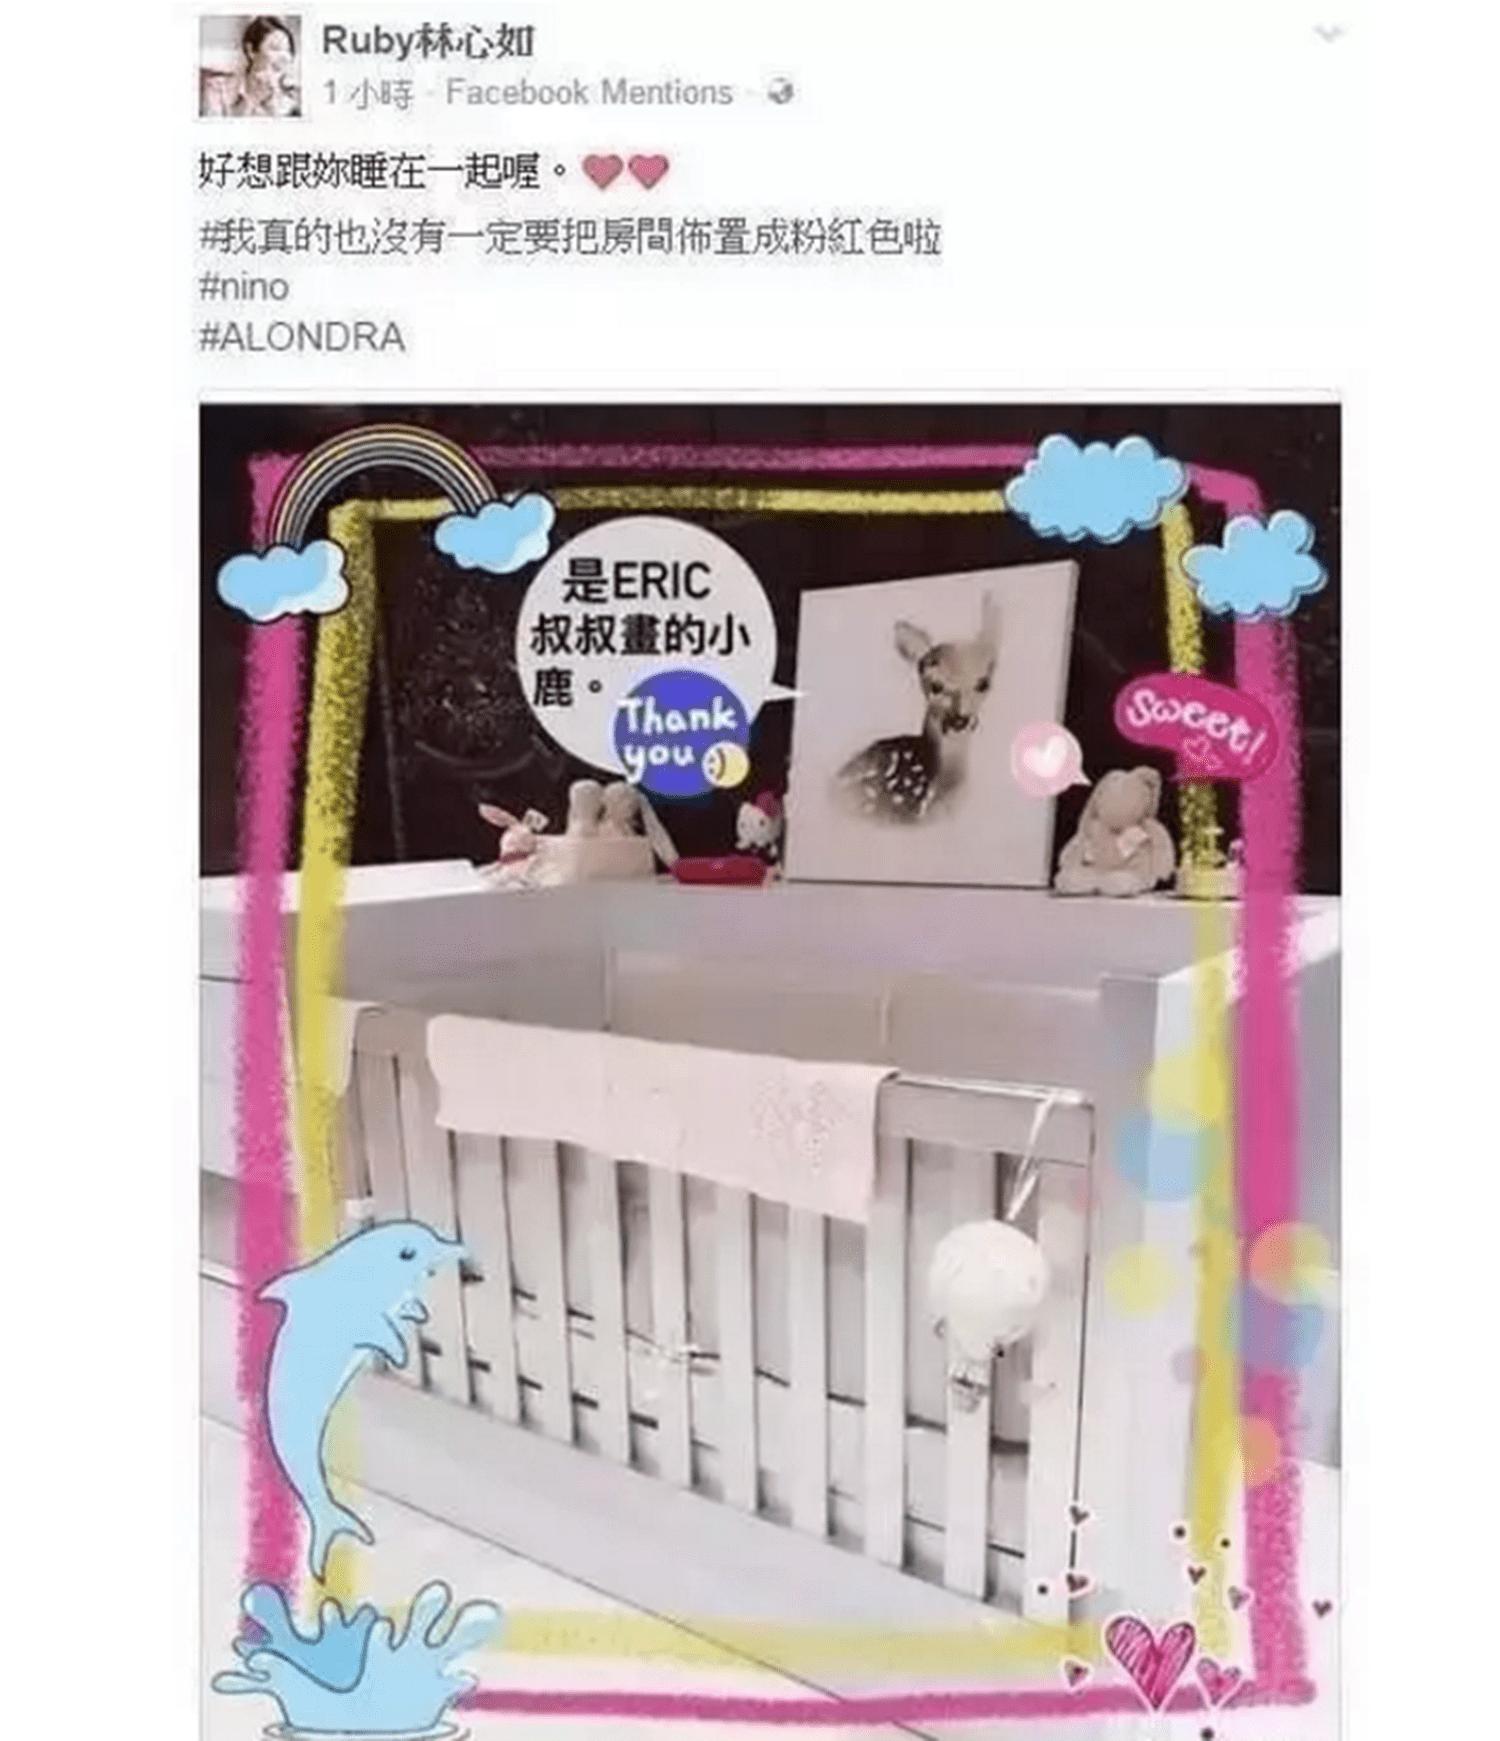 不要在婴儿床上放杂物了!又一个宝宝去世,林心如和姚晨都犯过错